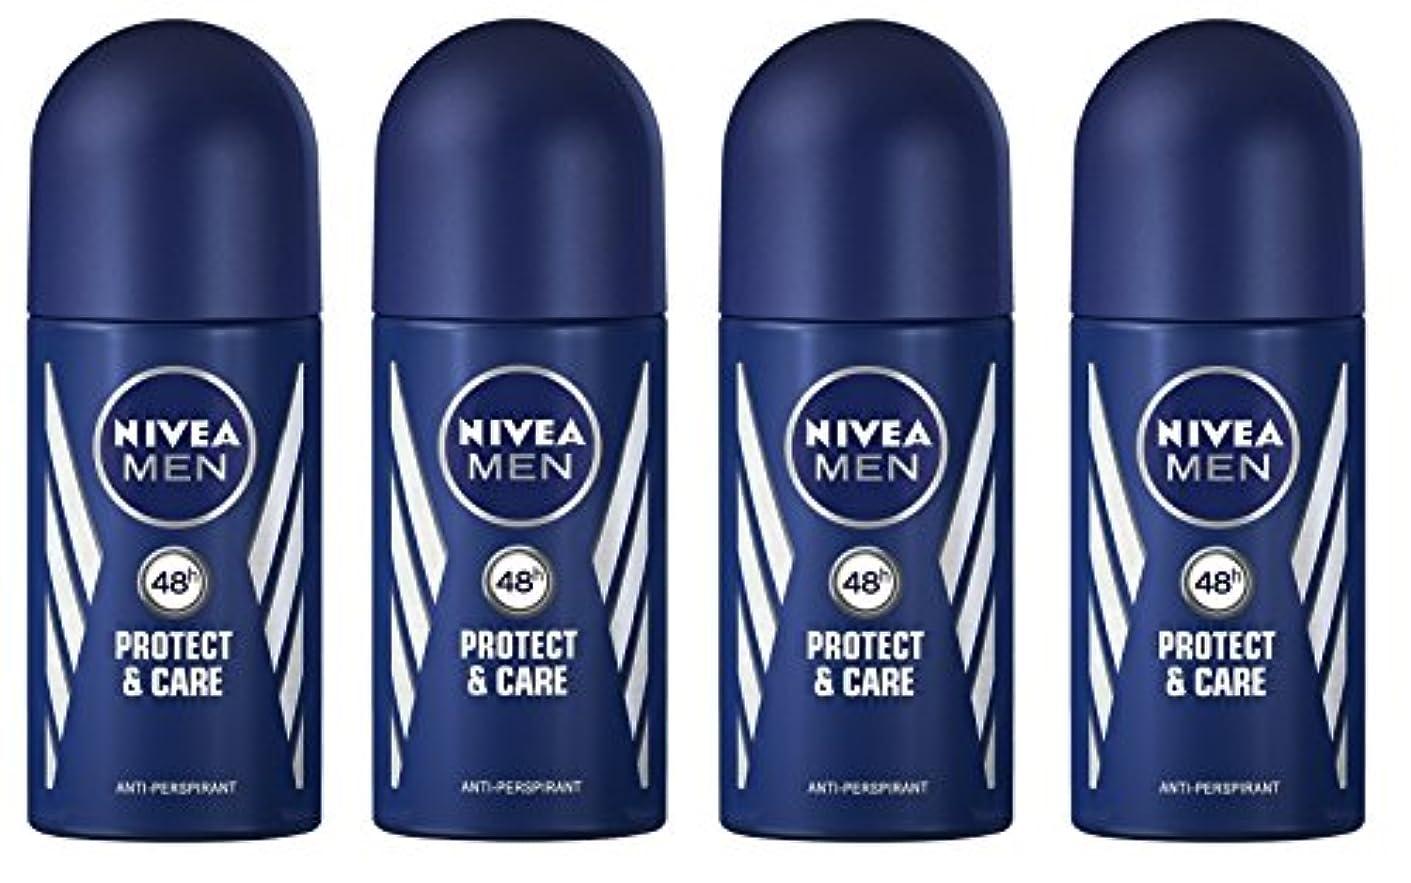 大胆な犬実施する(Pack of 4) Nivea Protect & Care Anti-perspirant Deodorant Roll On for Men 4x50ml - (4パック) ニベア保護するそしてお手入れ制汗剤デオドラントロールオン男性用4x50ml